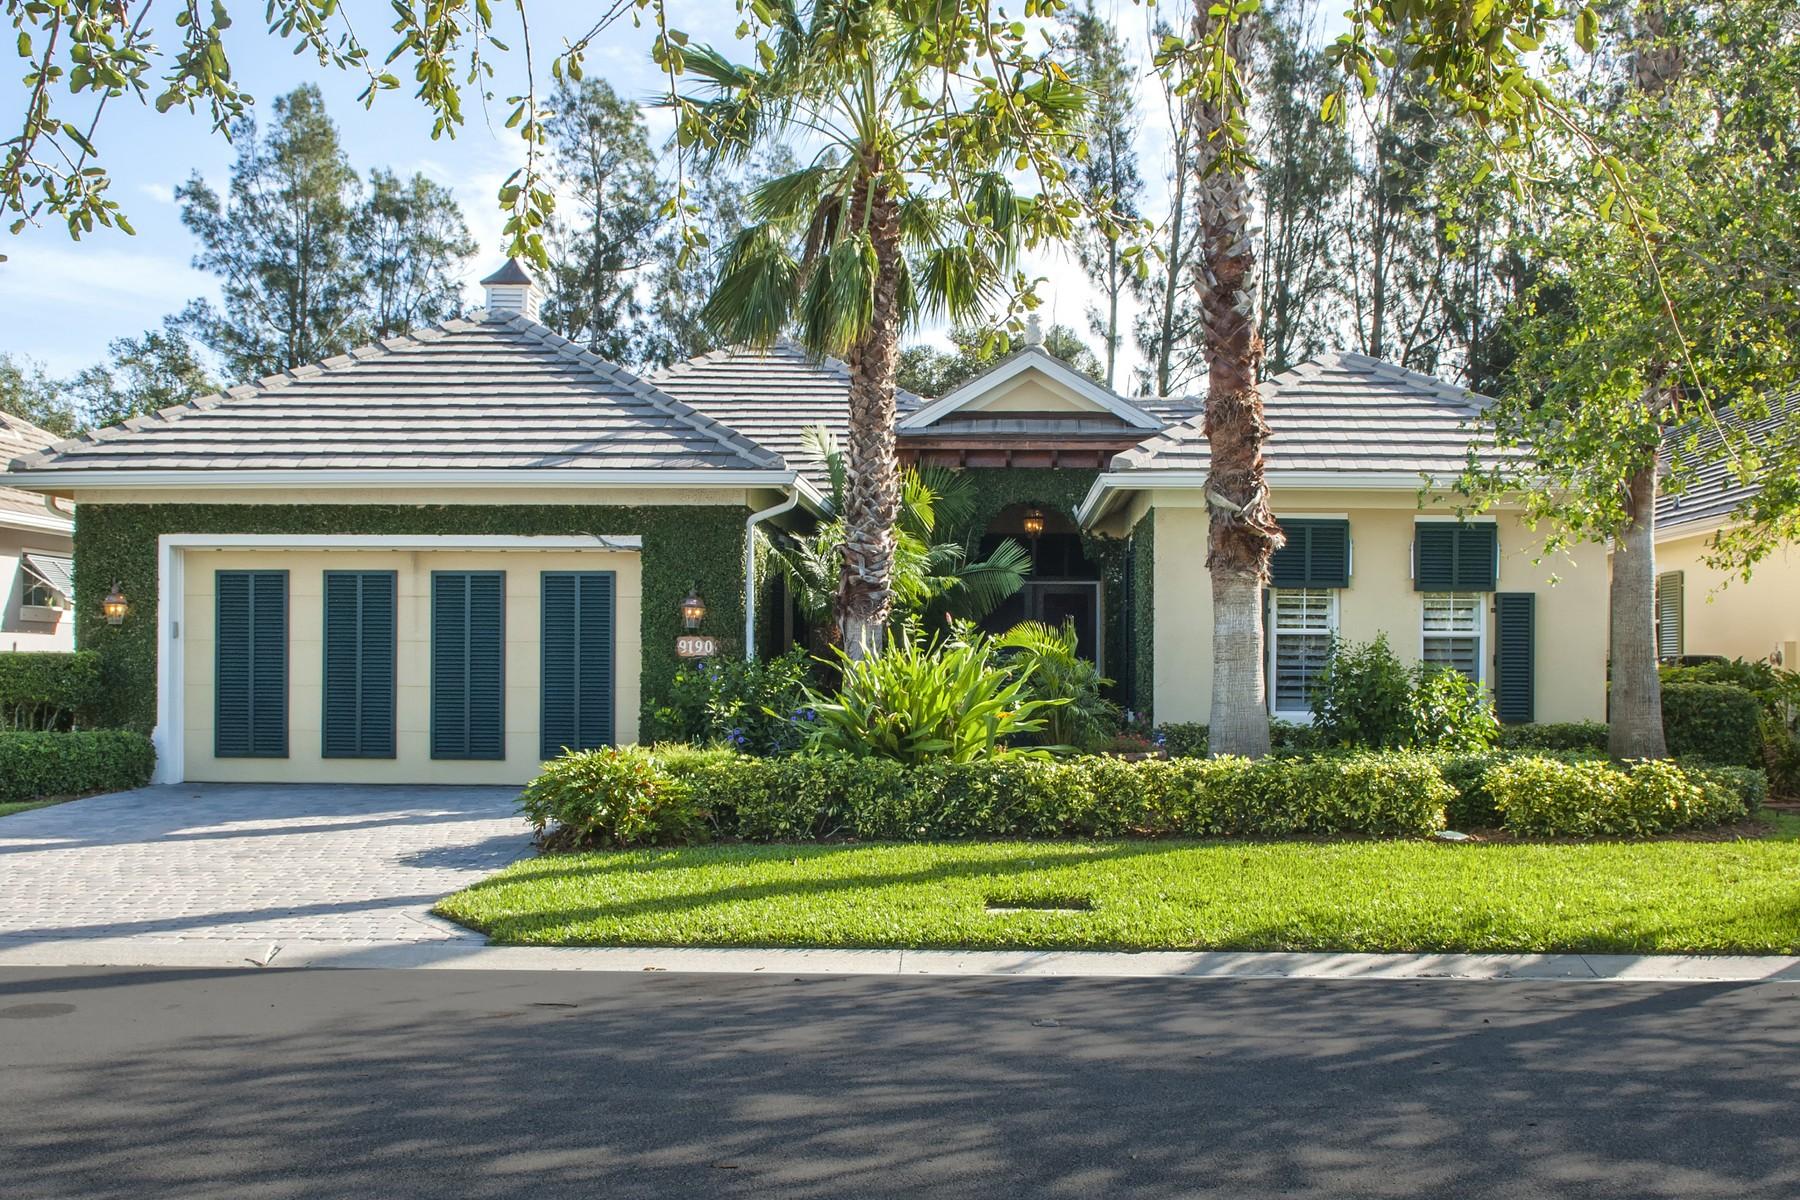 단독 가정 주택 용 매매 에 Azalea Courtyard Pool Home 9190 Spring Time Dr Vero Beach, 플로리다, 32963 미국